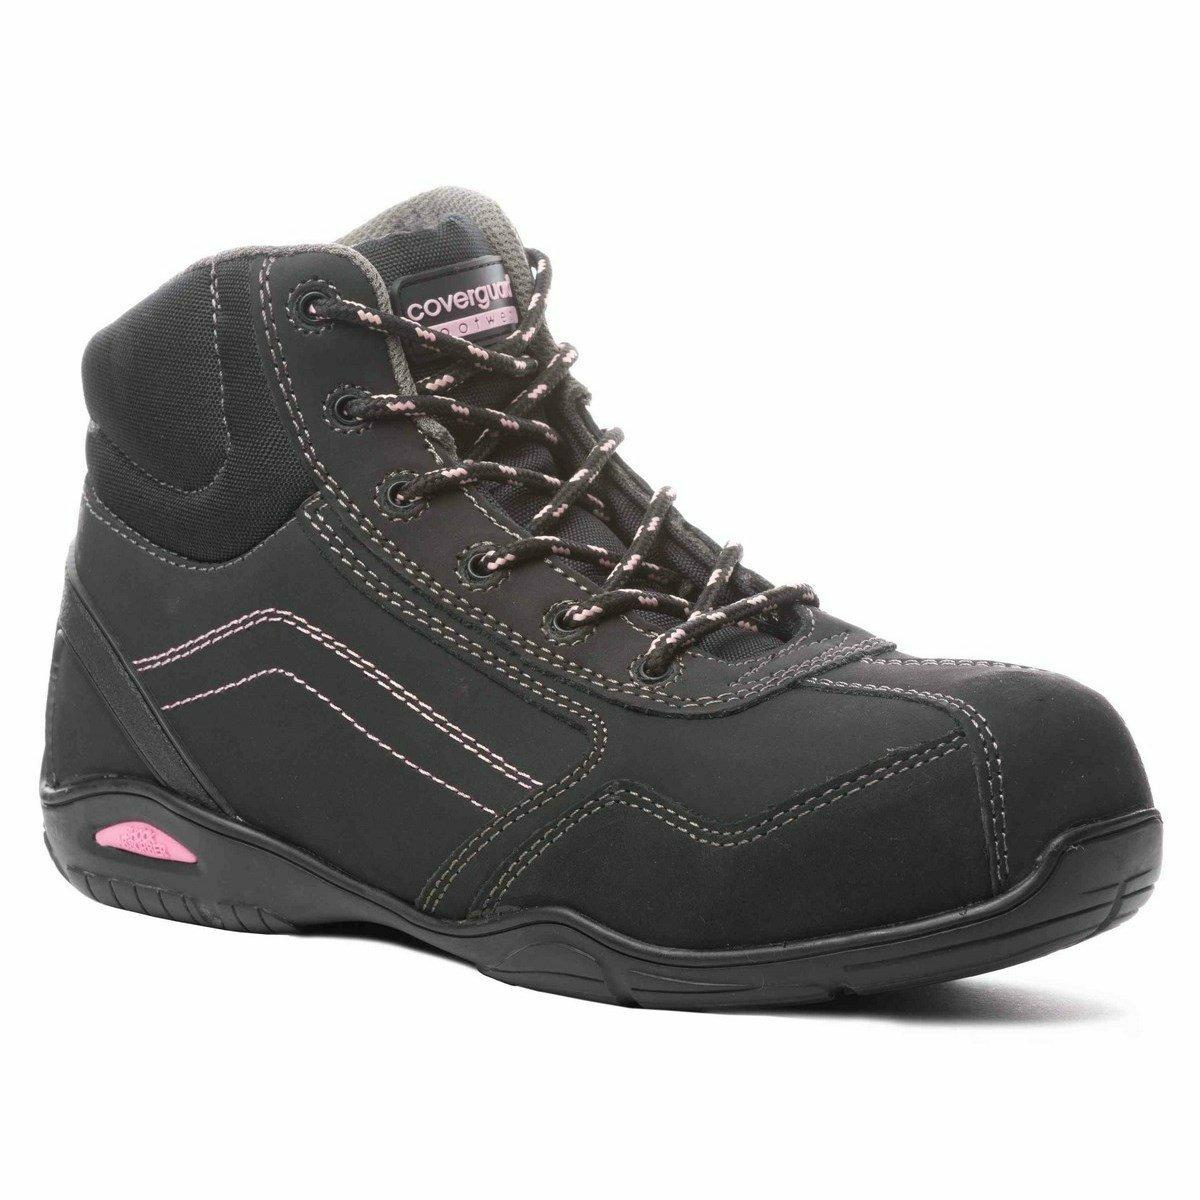 RUBIS (S3 CK) fekete nubuk cipő és bakancs, kompozit, fémmentes